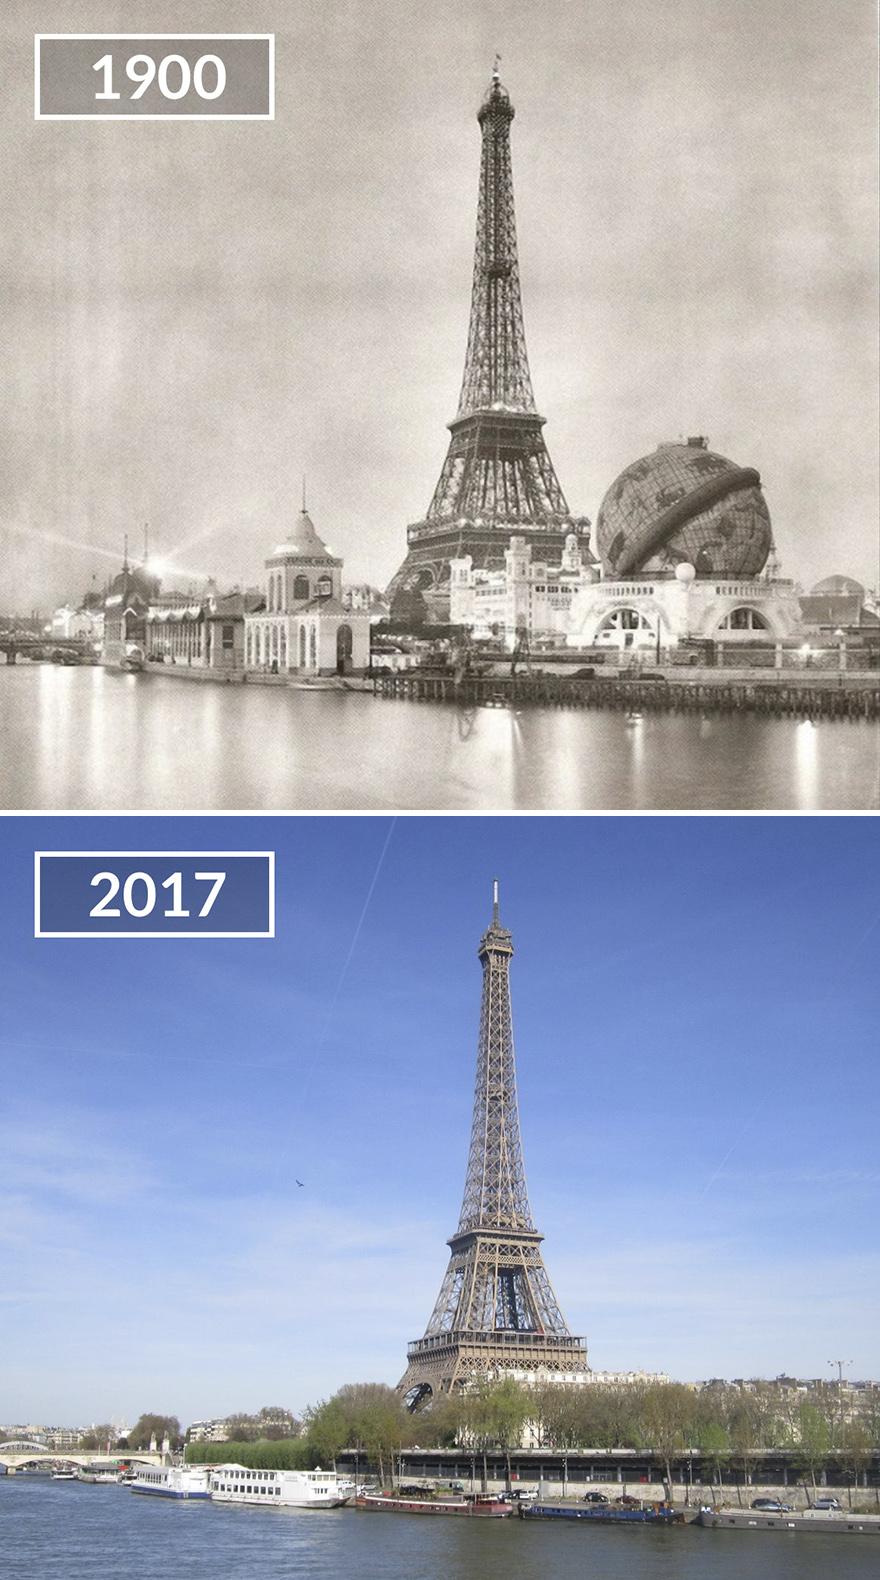 Париж 100 лет назад и сейчас: фото до и после Париж 100 лет назад и сейчас: фото до и после Paris2